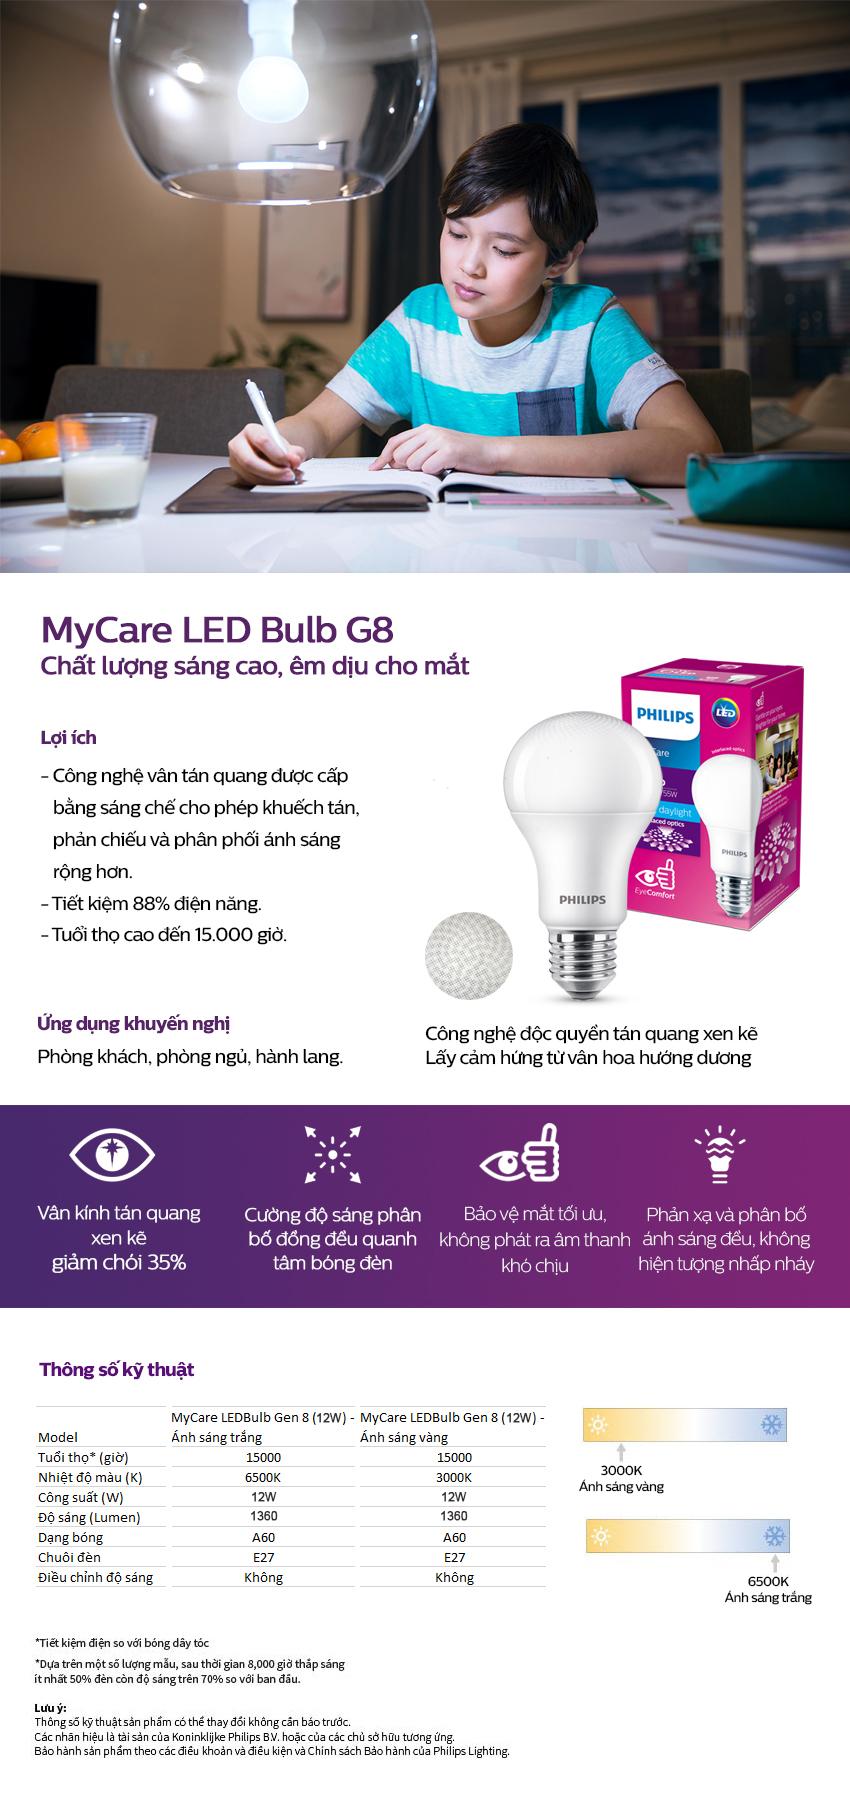 Bóng đèn Philips LED MyCare 12W 6500K E27 A60 929001916337 - Ánh sáng trắng